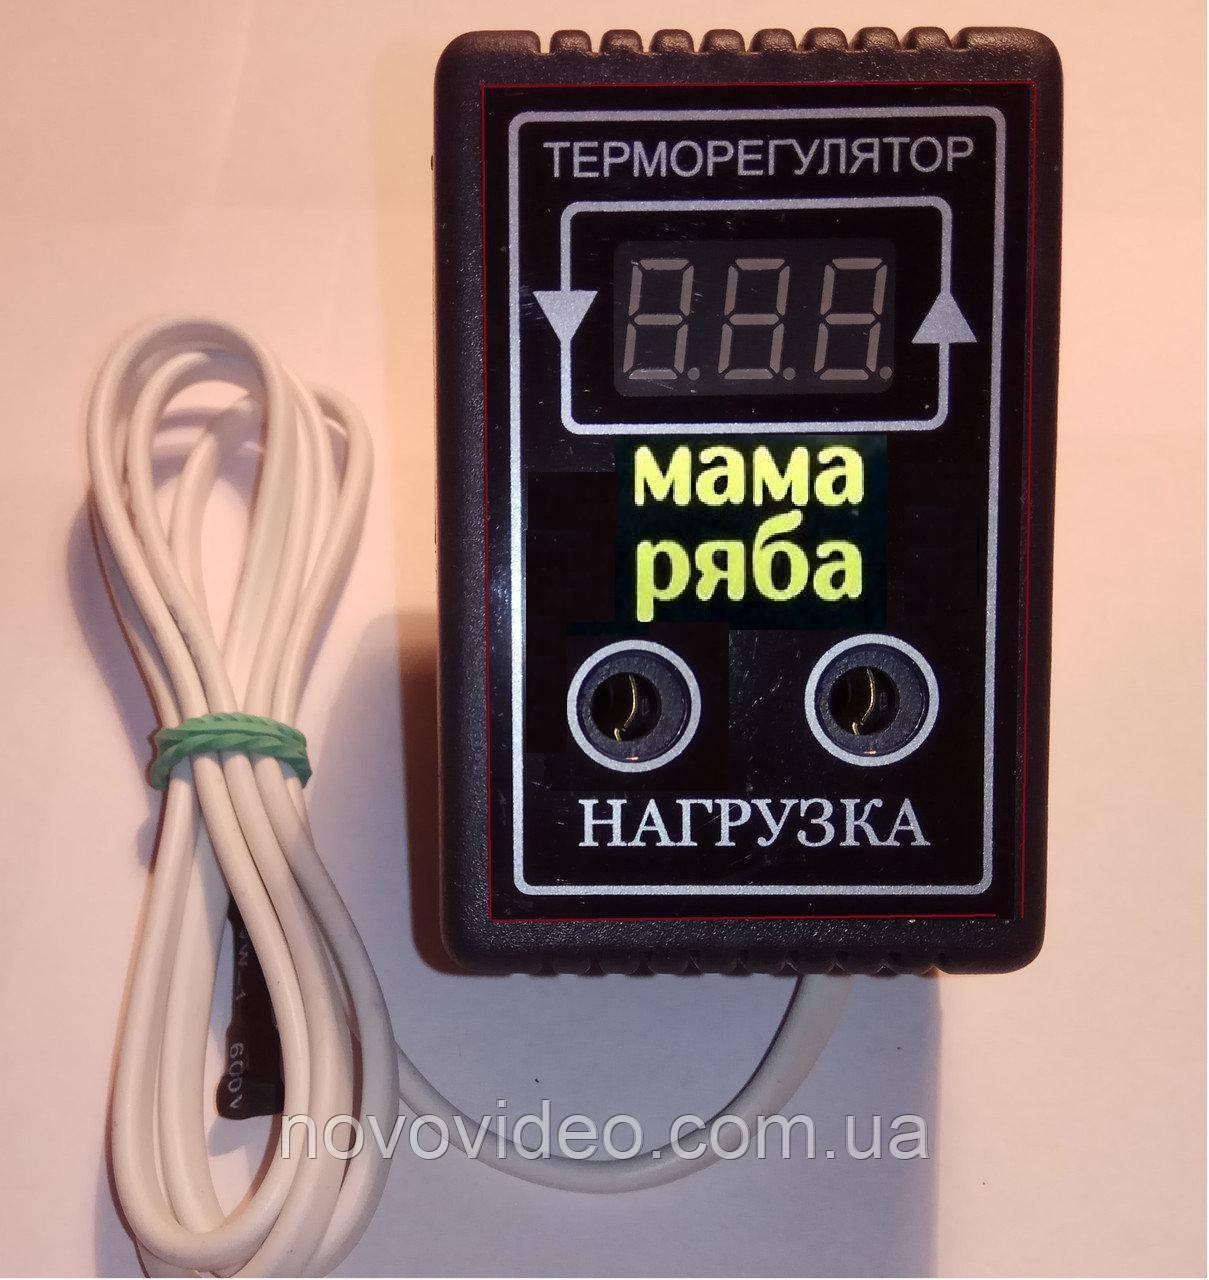 Терморегулятор для домашнего инкубатора мама Ряба цифровой на 10А